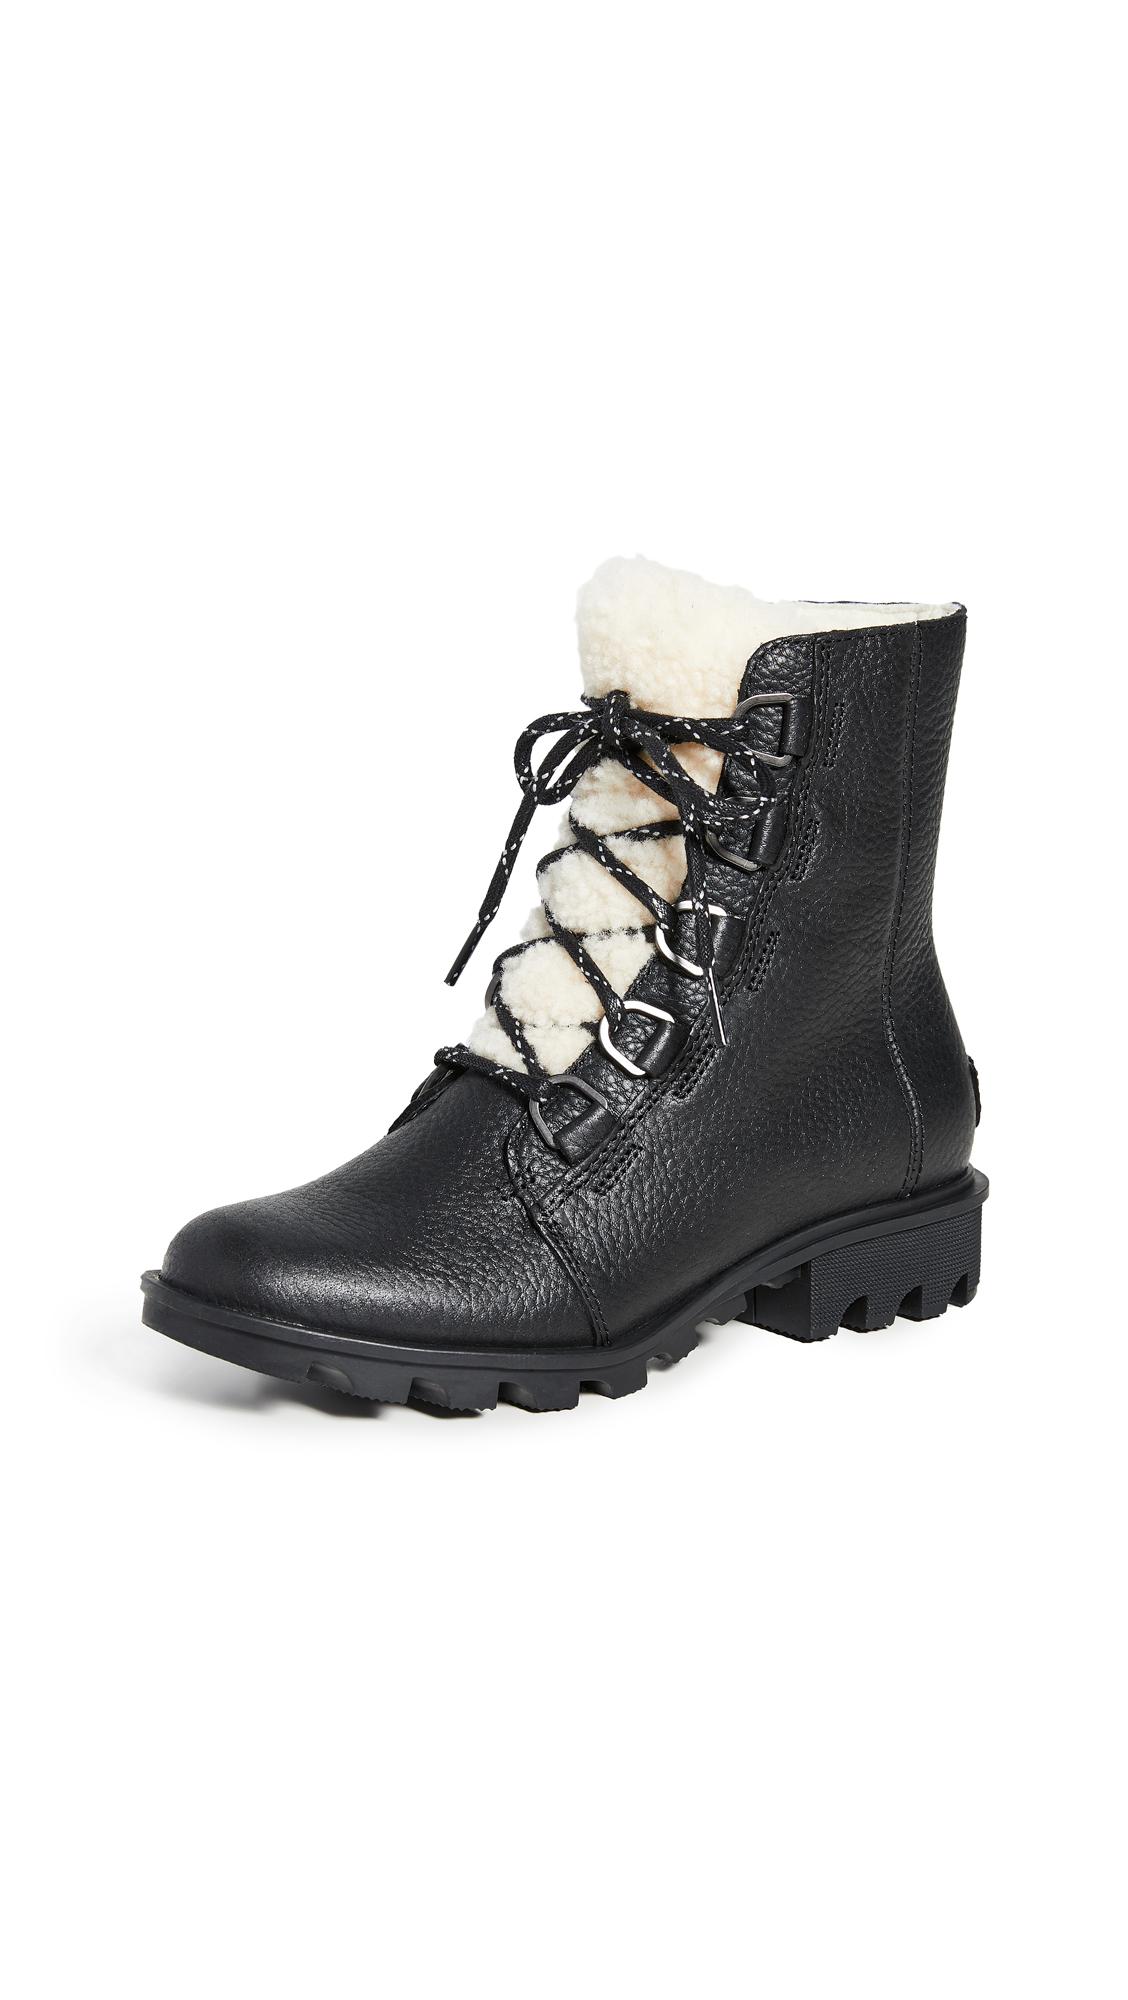 Buy Sorel Phoenix Short Lace up Boots online, shop Sorel